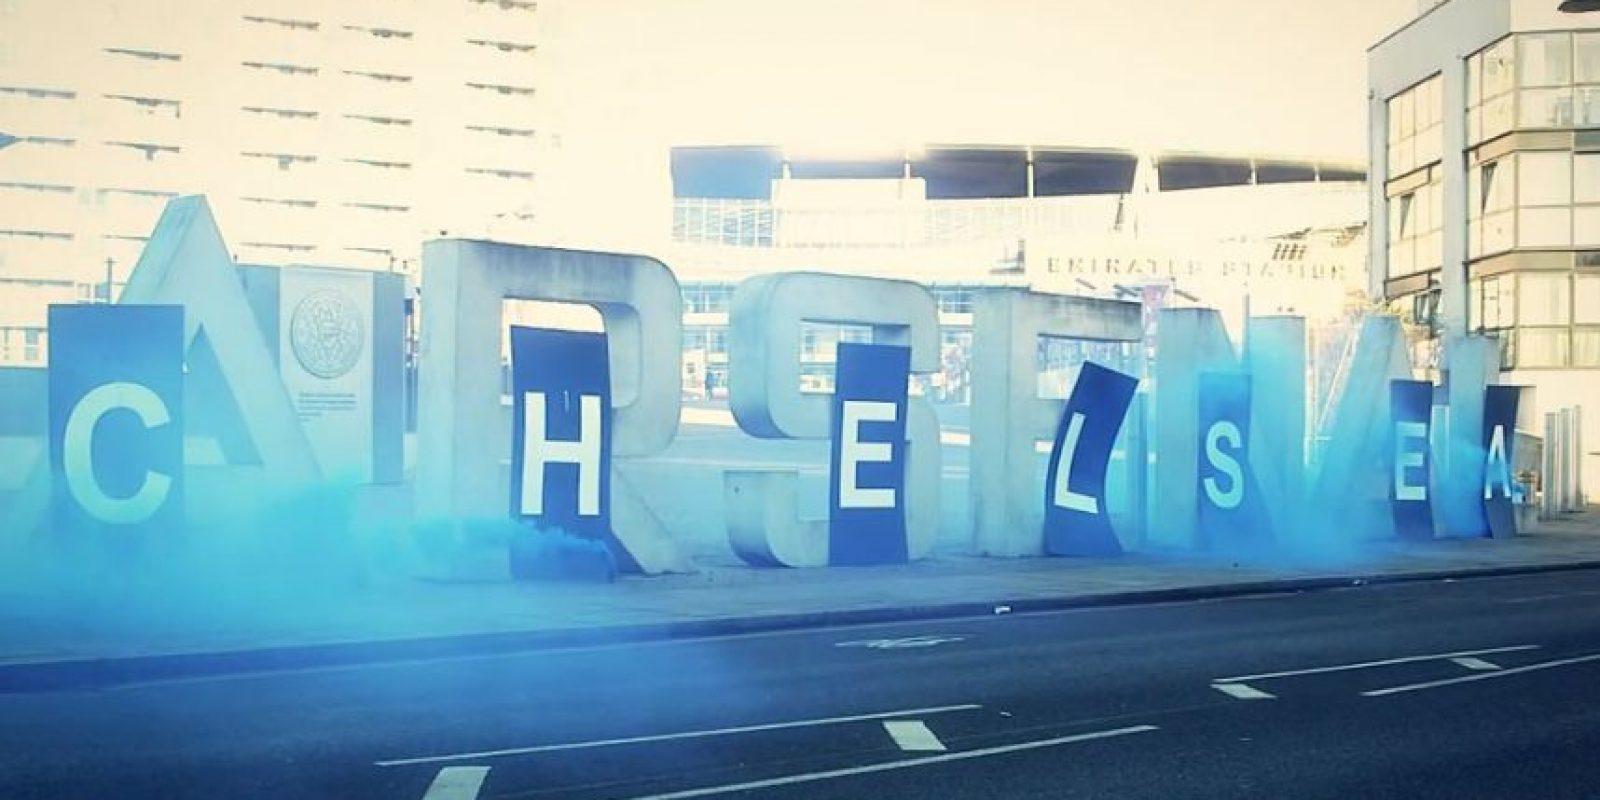 """Este domingo se disputará en el Emirates Stadium una edición más del """"Gran Derbi de Londres"""" entre Arsenal y Chelsea. Foto:Vía Youtube.com/ChelseaFansChannel"""